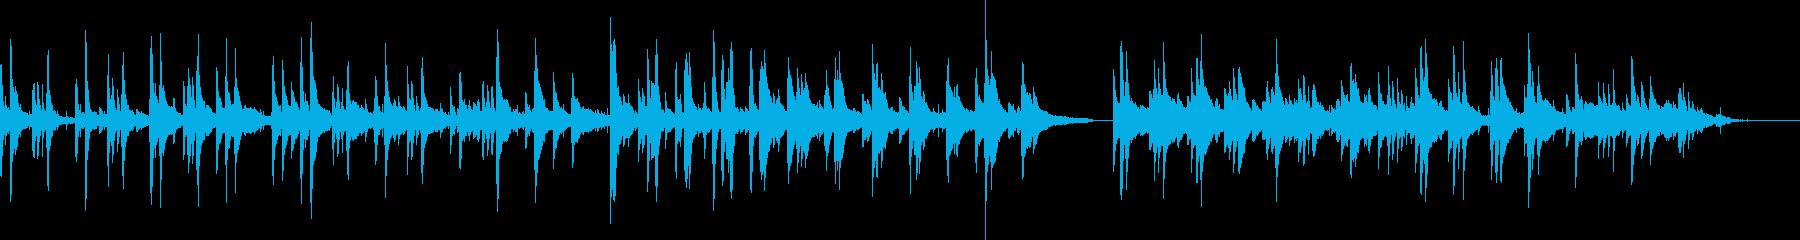 ハードボイルド・バー(ピアノ)の再生済みの波形